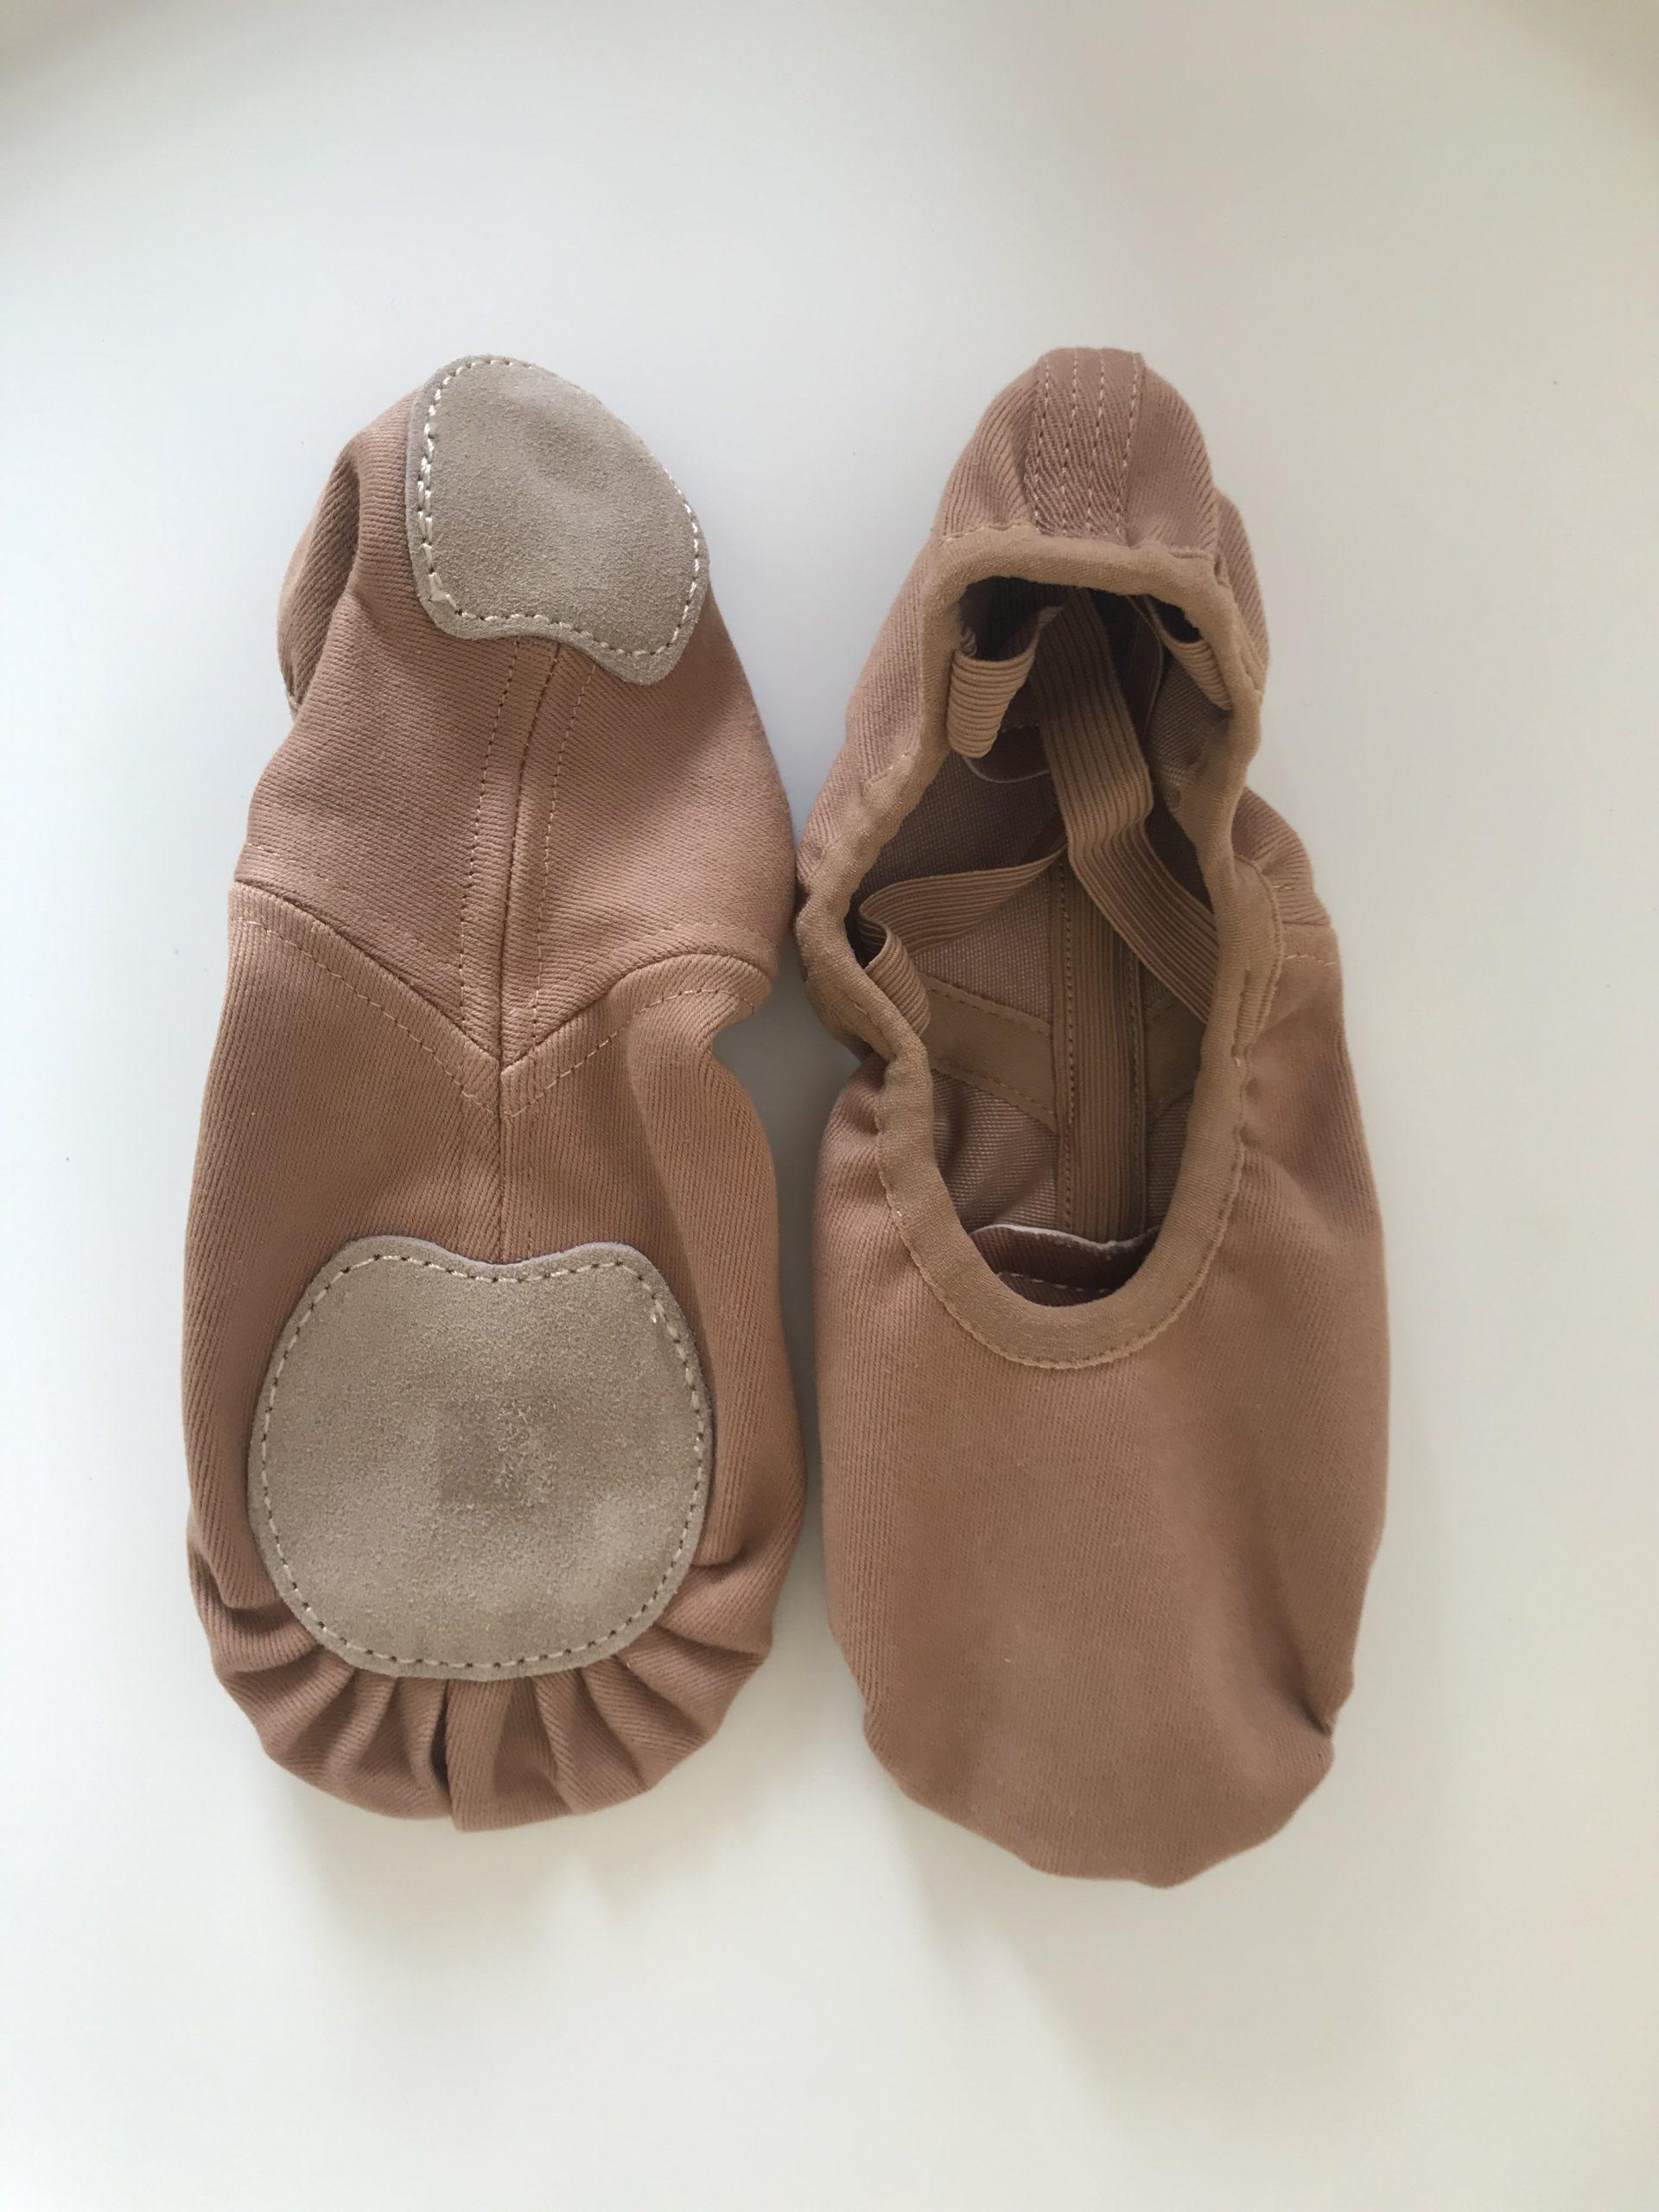 Accesorios de Ballet: Zapatillas de Ballet Marrones Adagio Dancewear